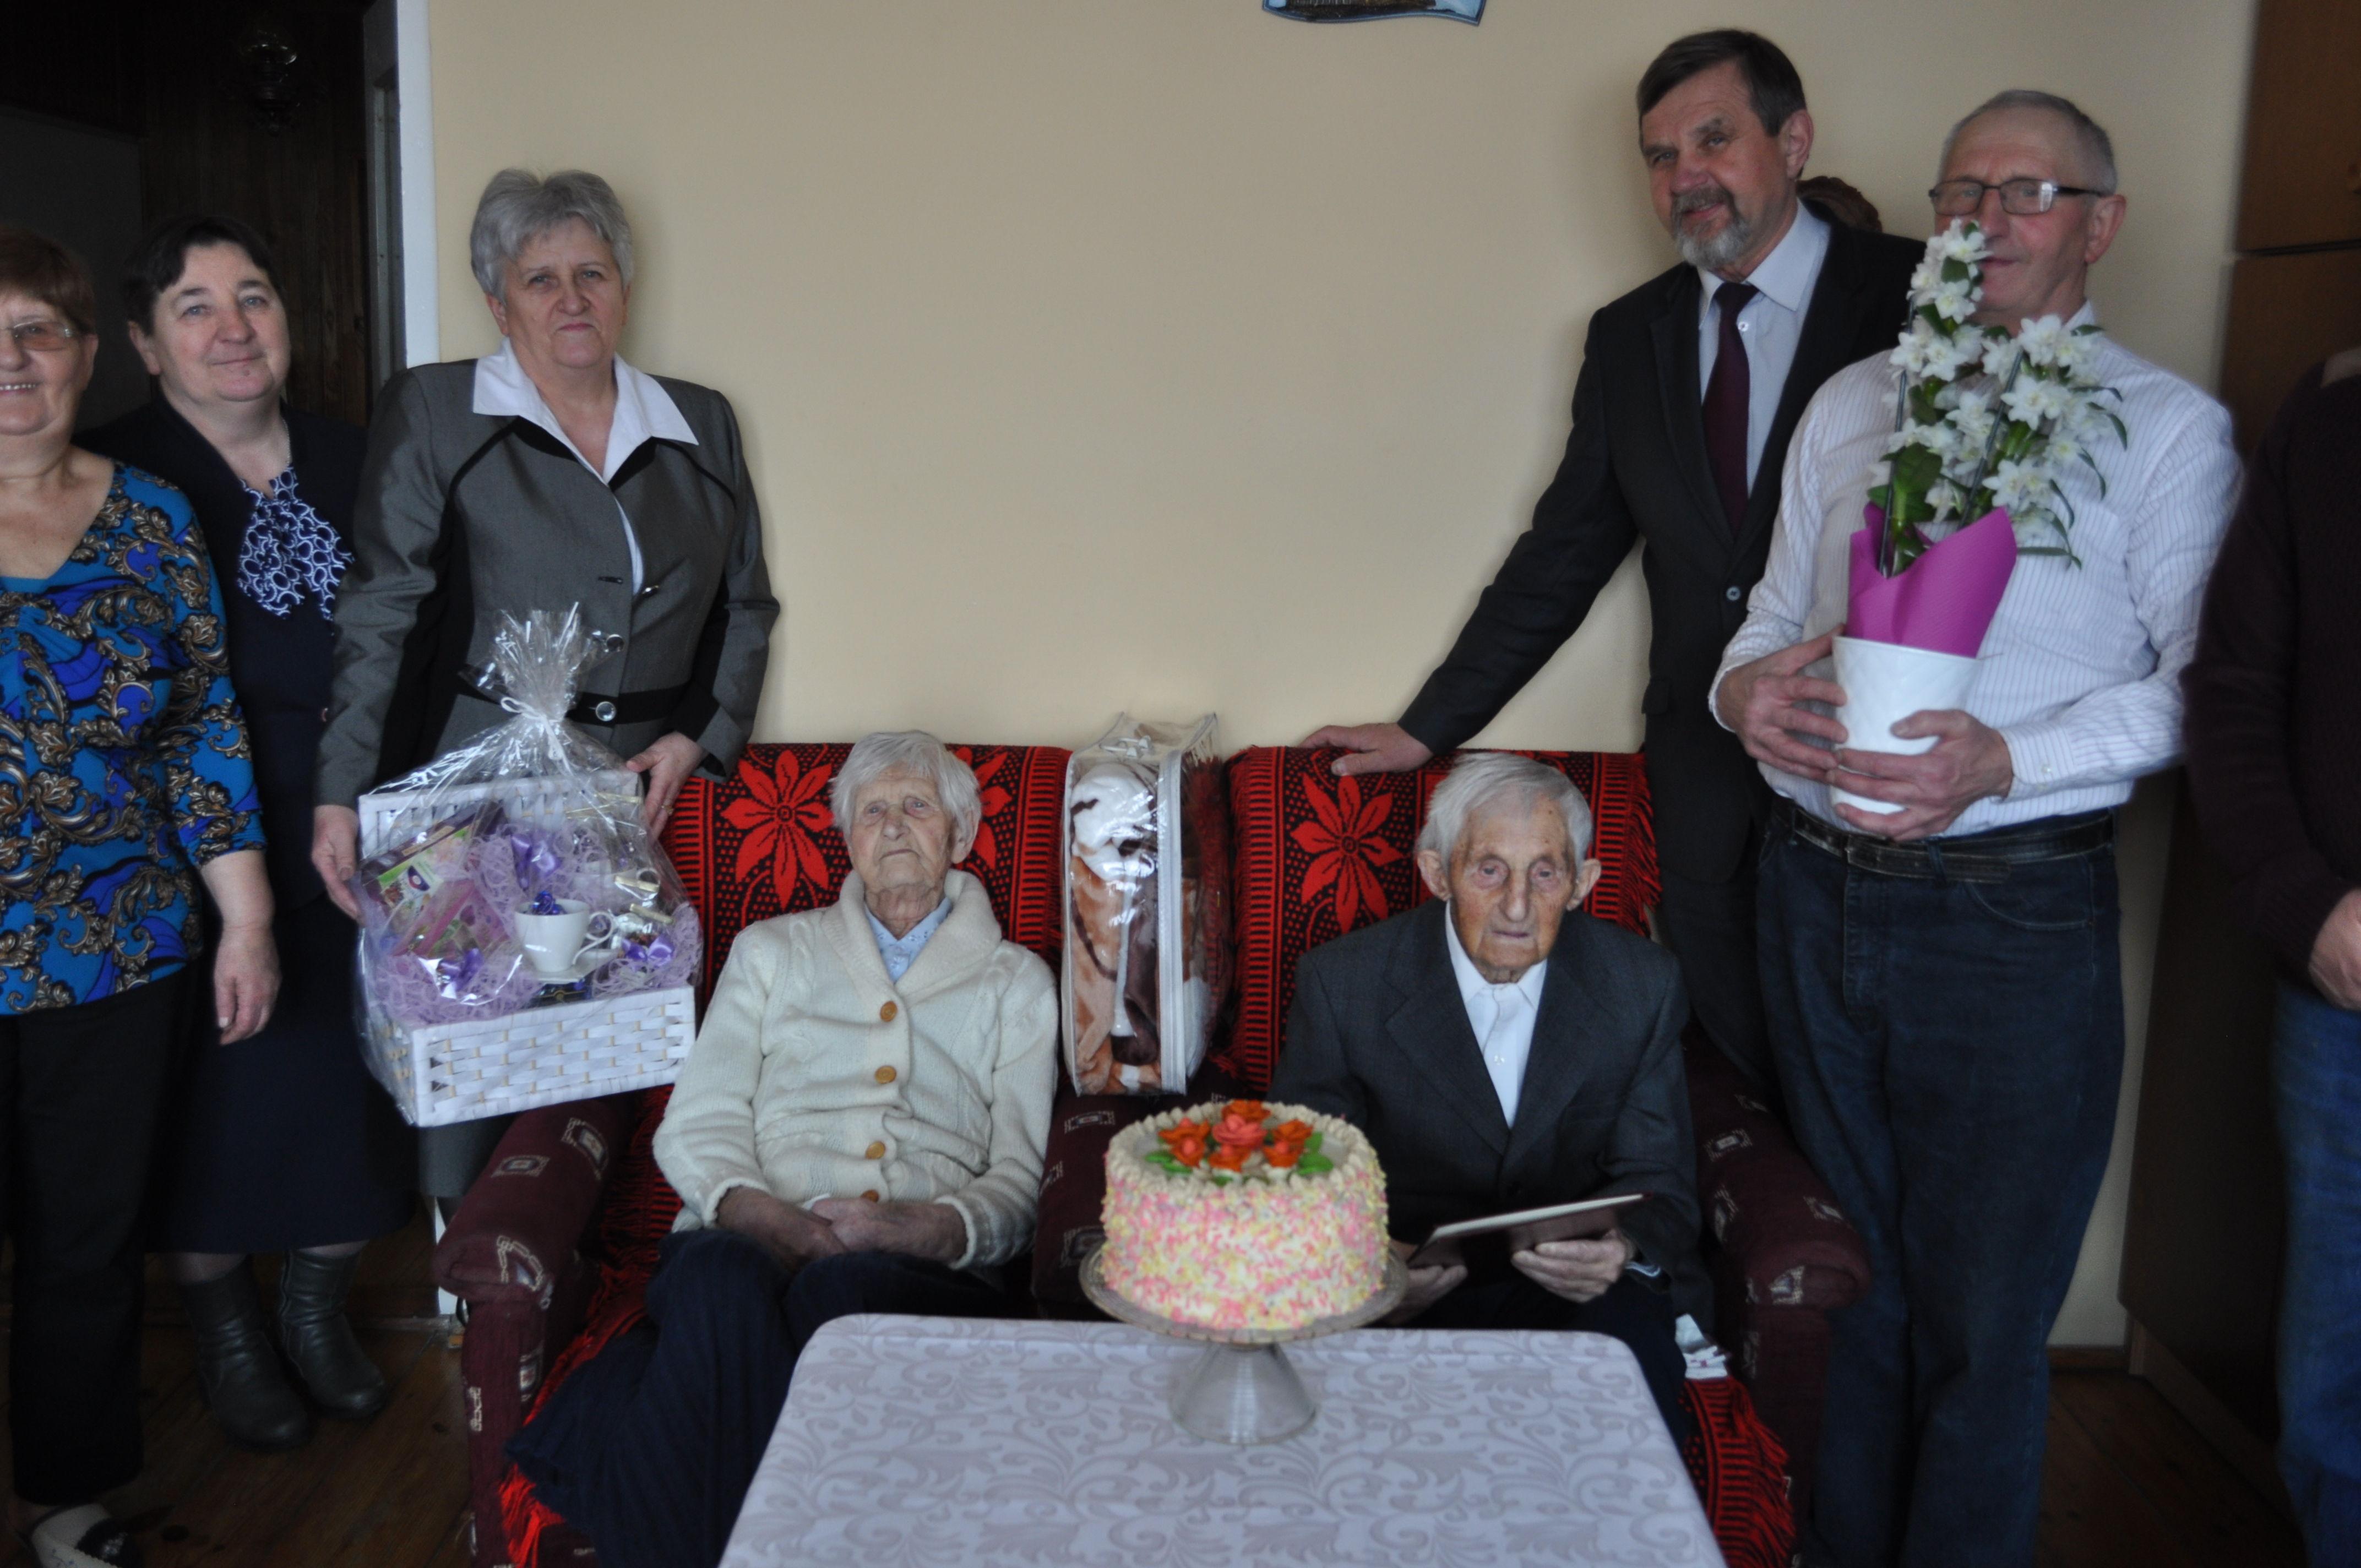 Stefania i Antoni Wawrzak podczas wręczenia kwiatów